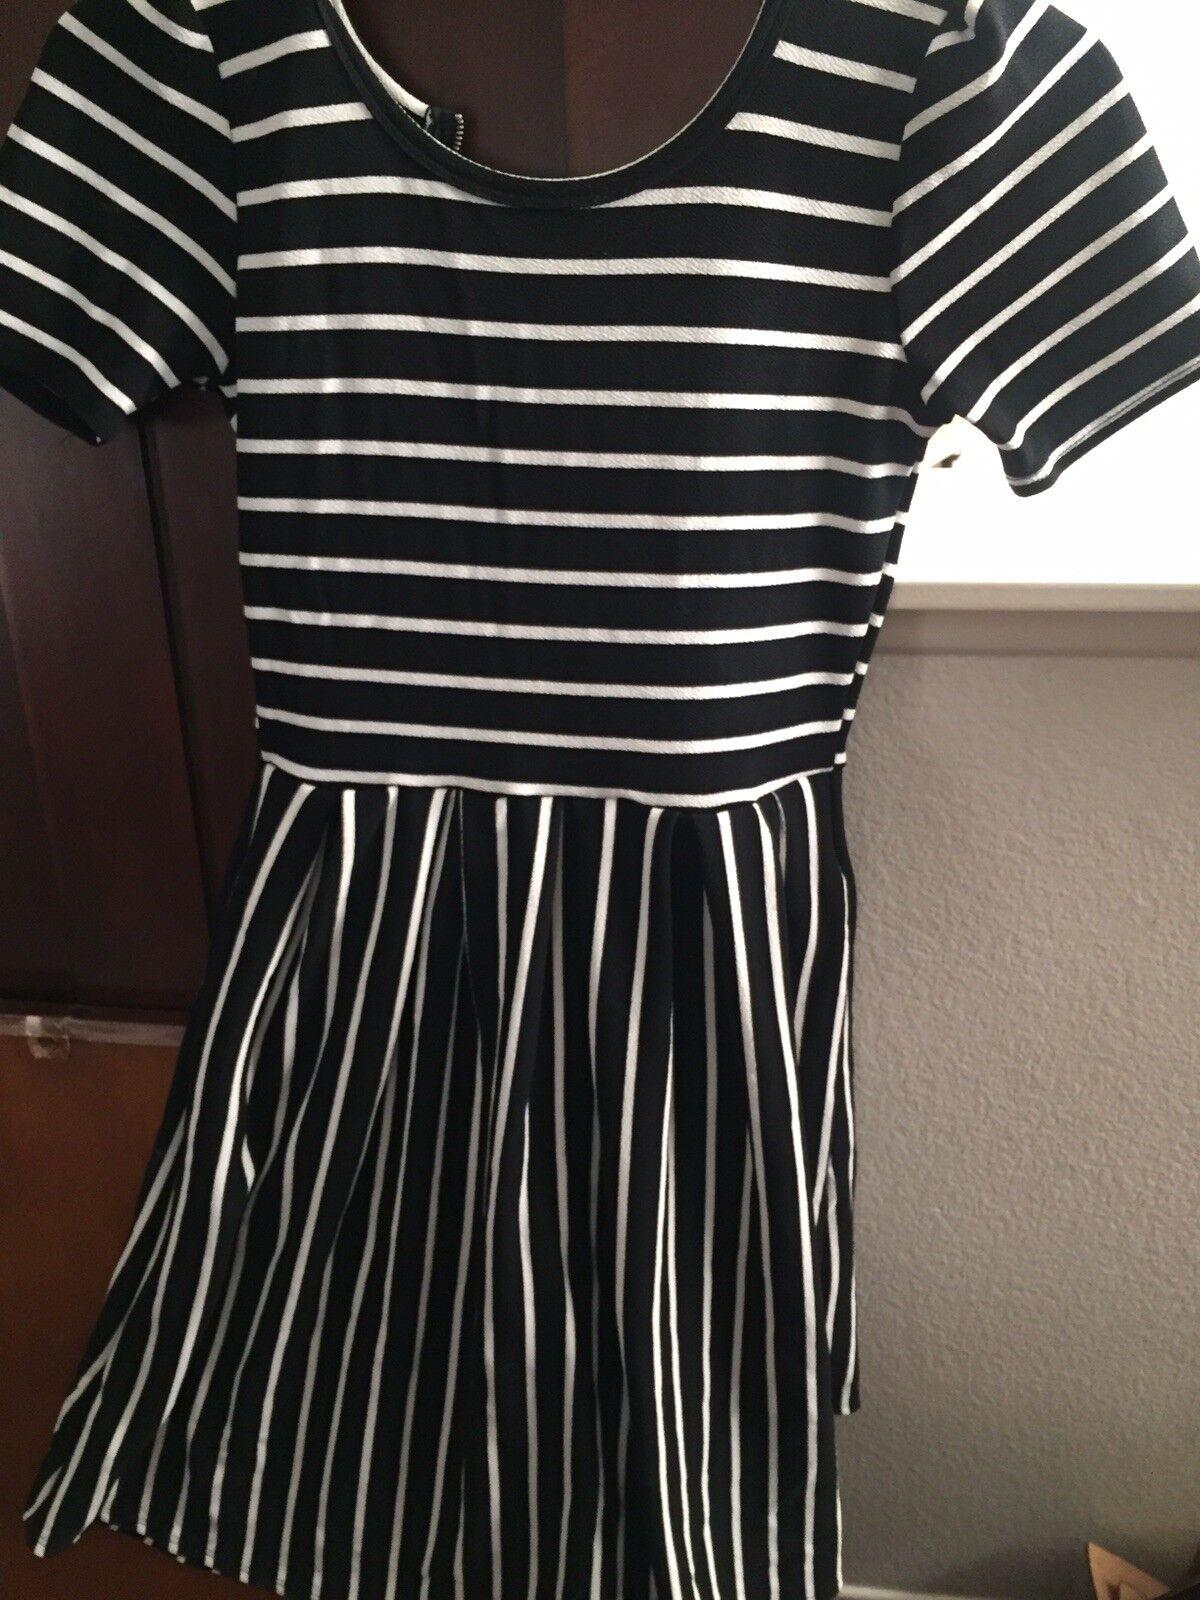 Lula Roe Amelia dress XS schwarz with Weiß stripes